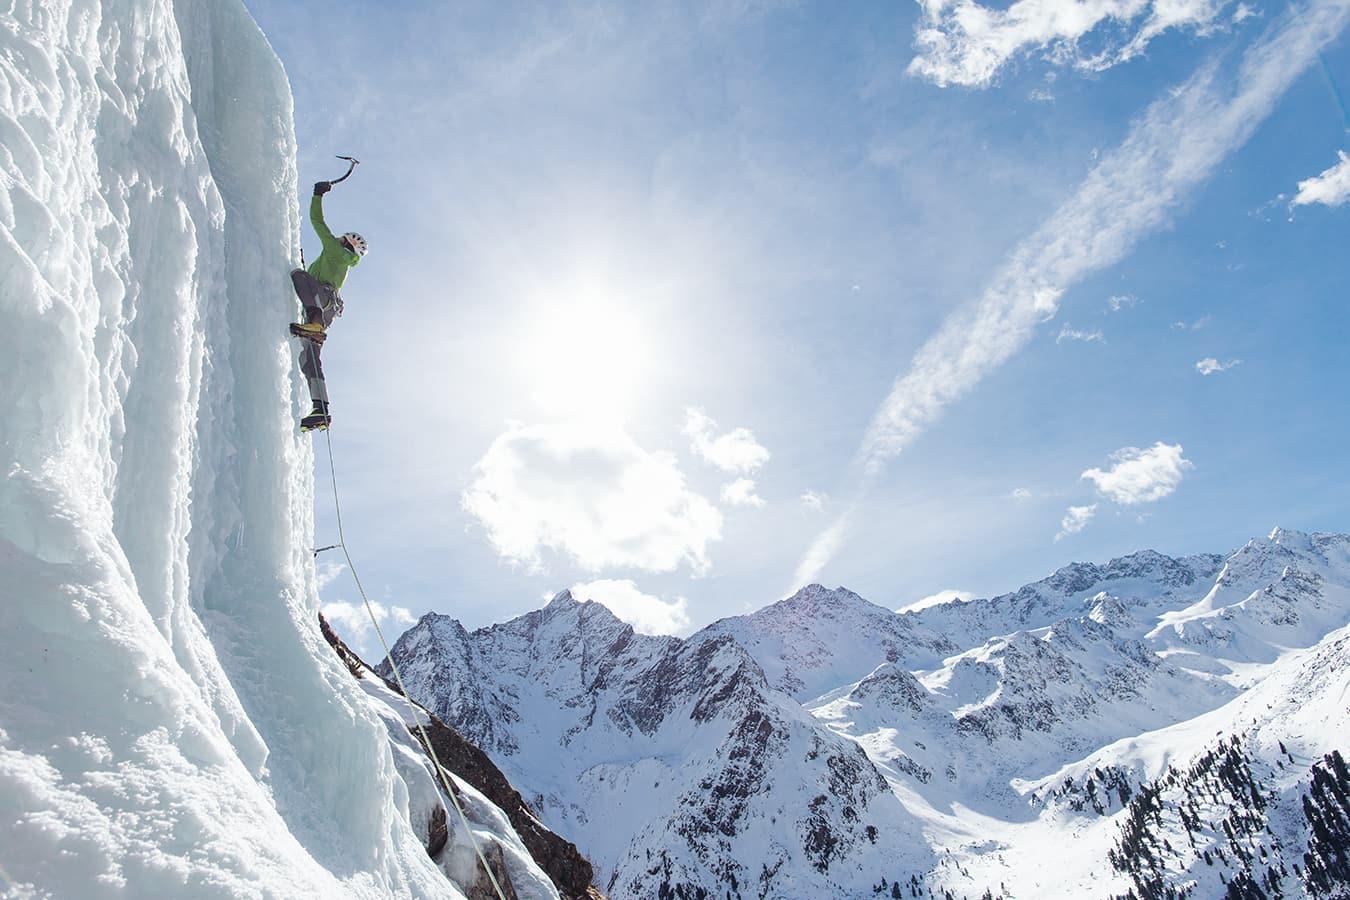 Klettergurt Eisklettern : Alpengasthof grüner eisklettern im Ötztal